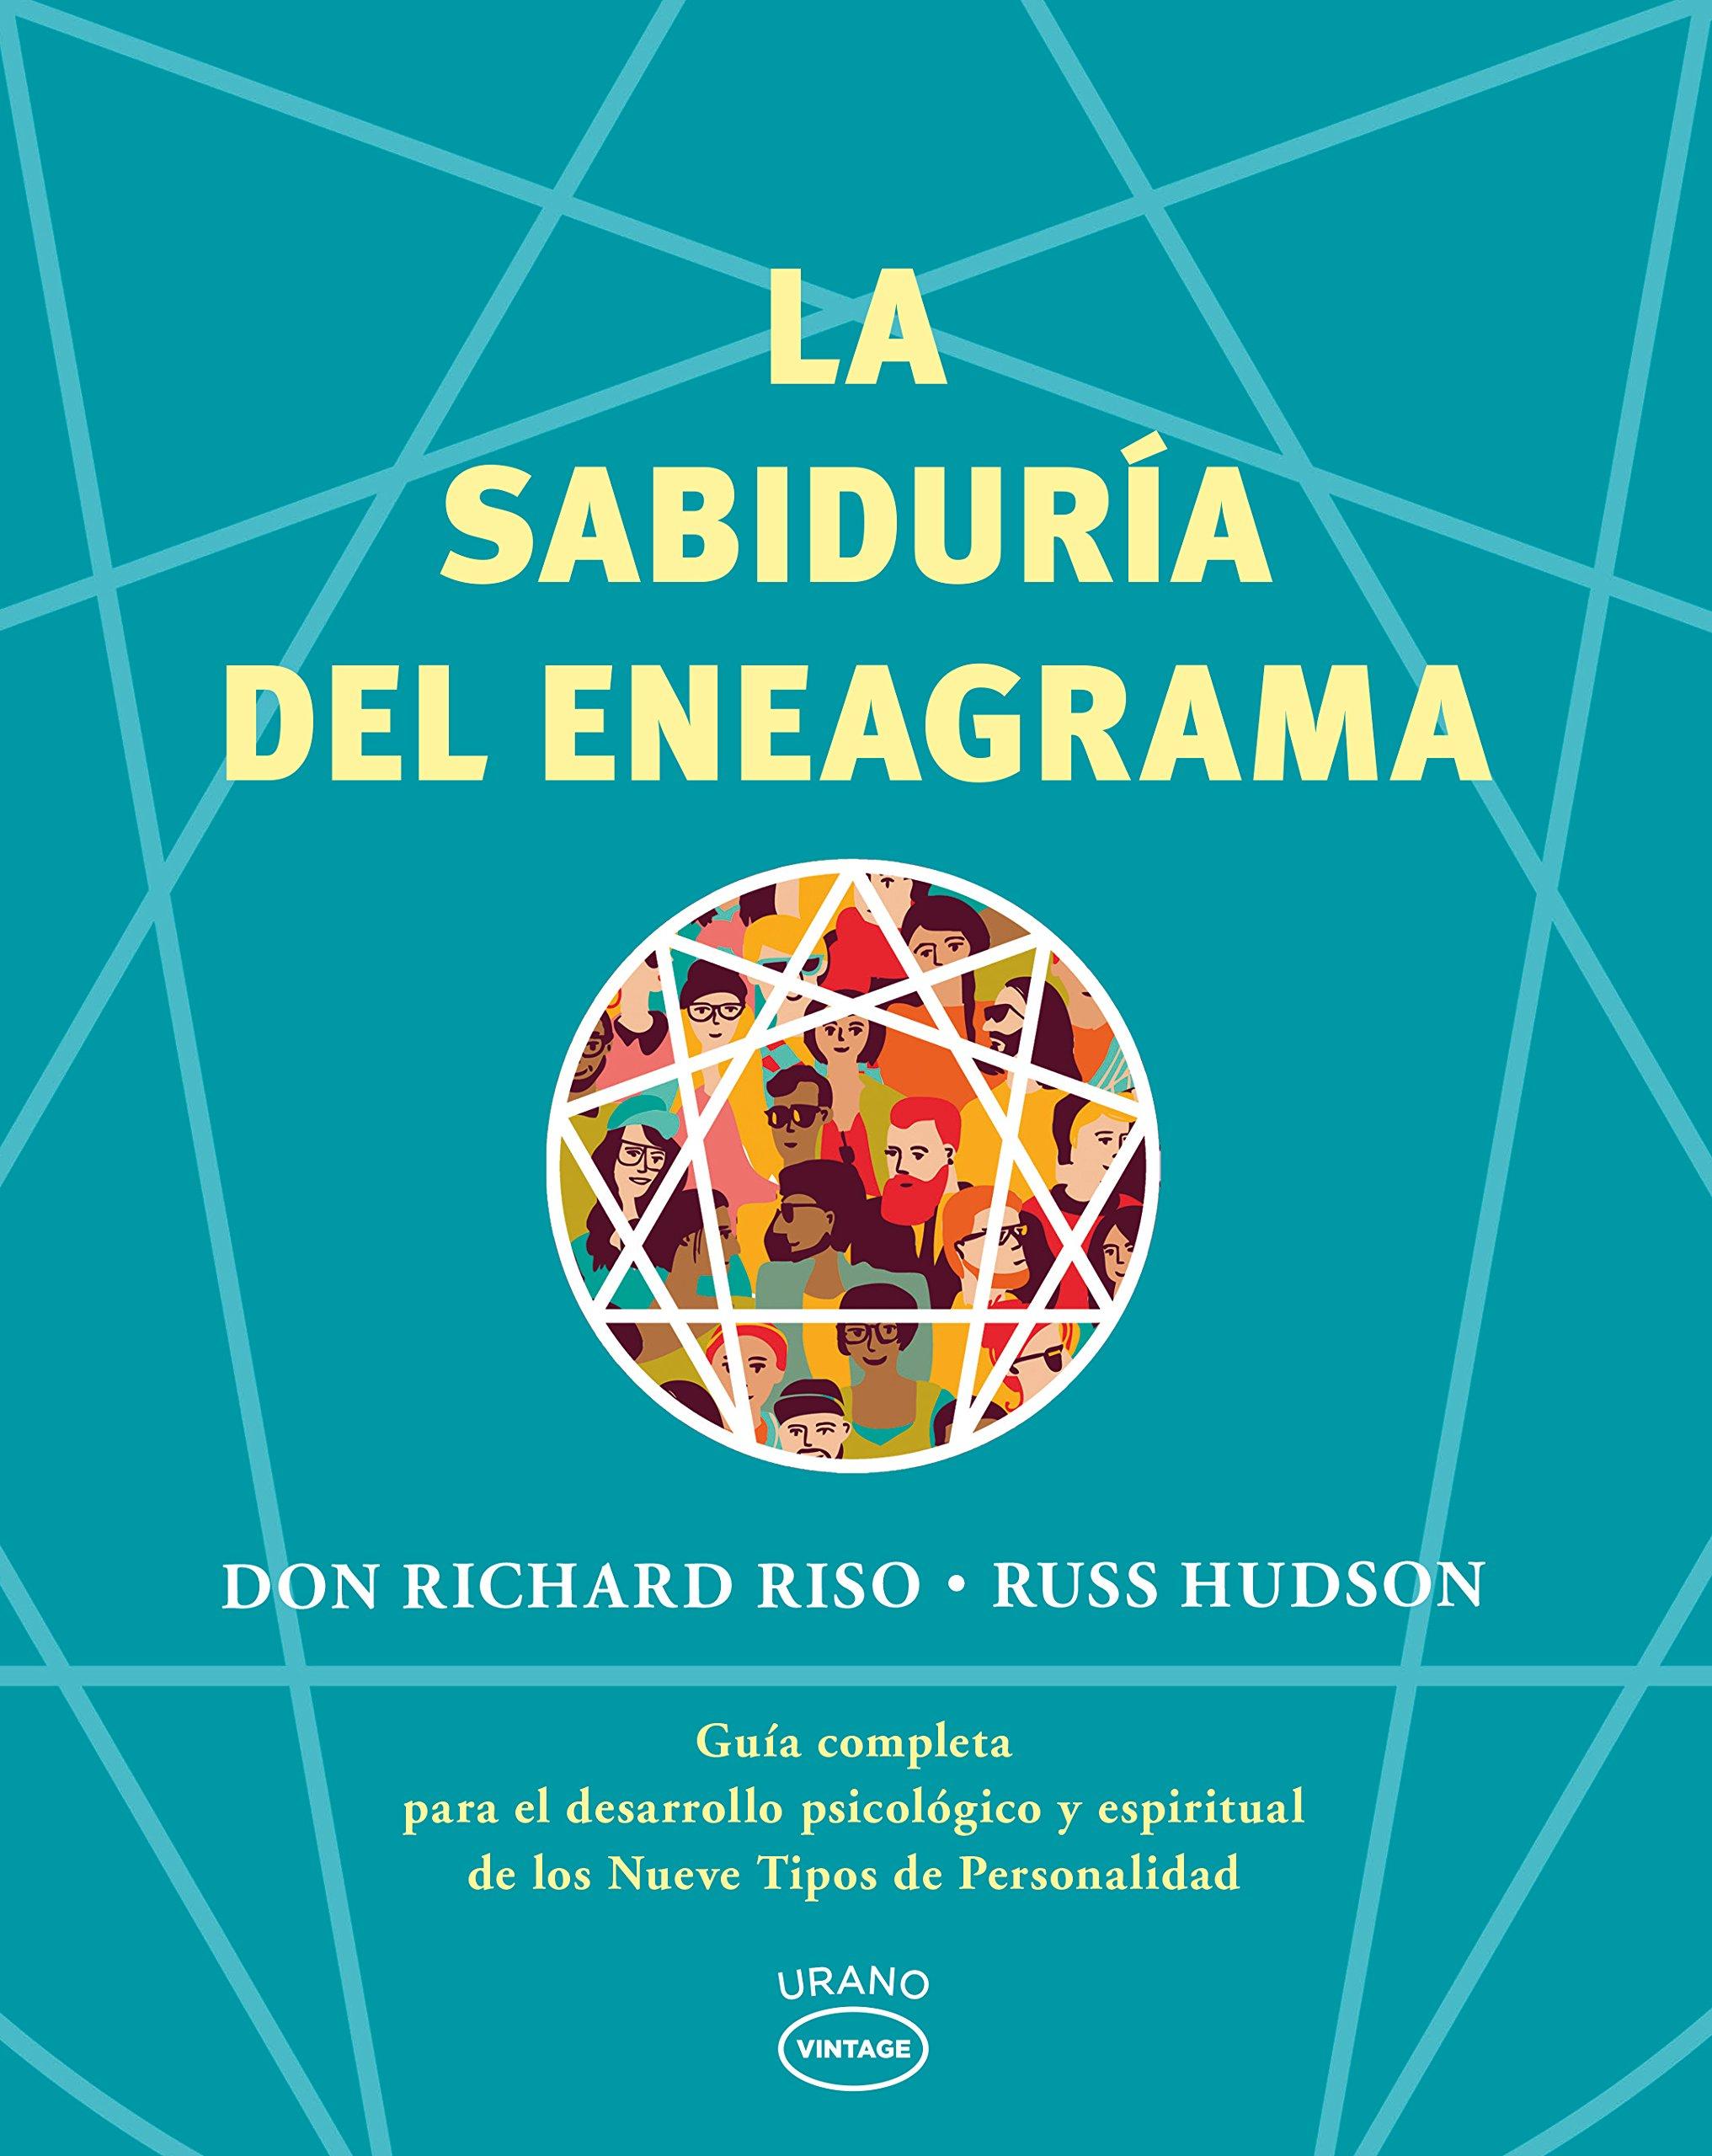 La sabiduría del Eneagrama (Vintage): Amazon.es: Riso, Don Richard ...